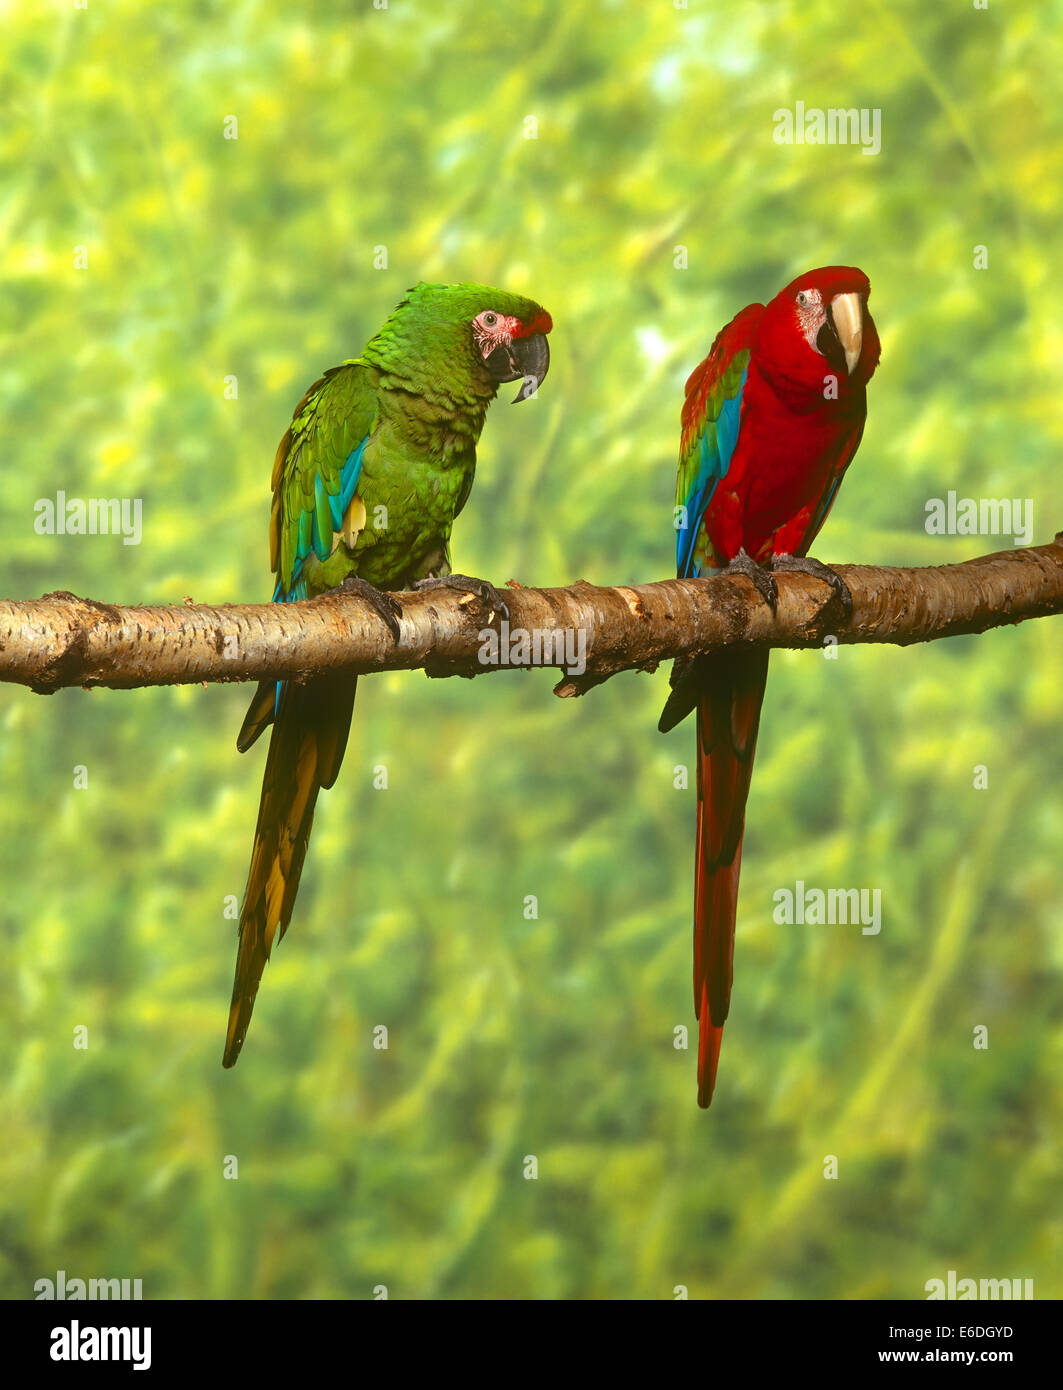 Due pappagalli seduti su di un ramo Immagini Stock